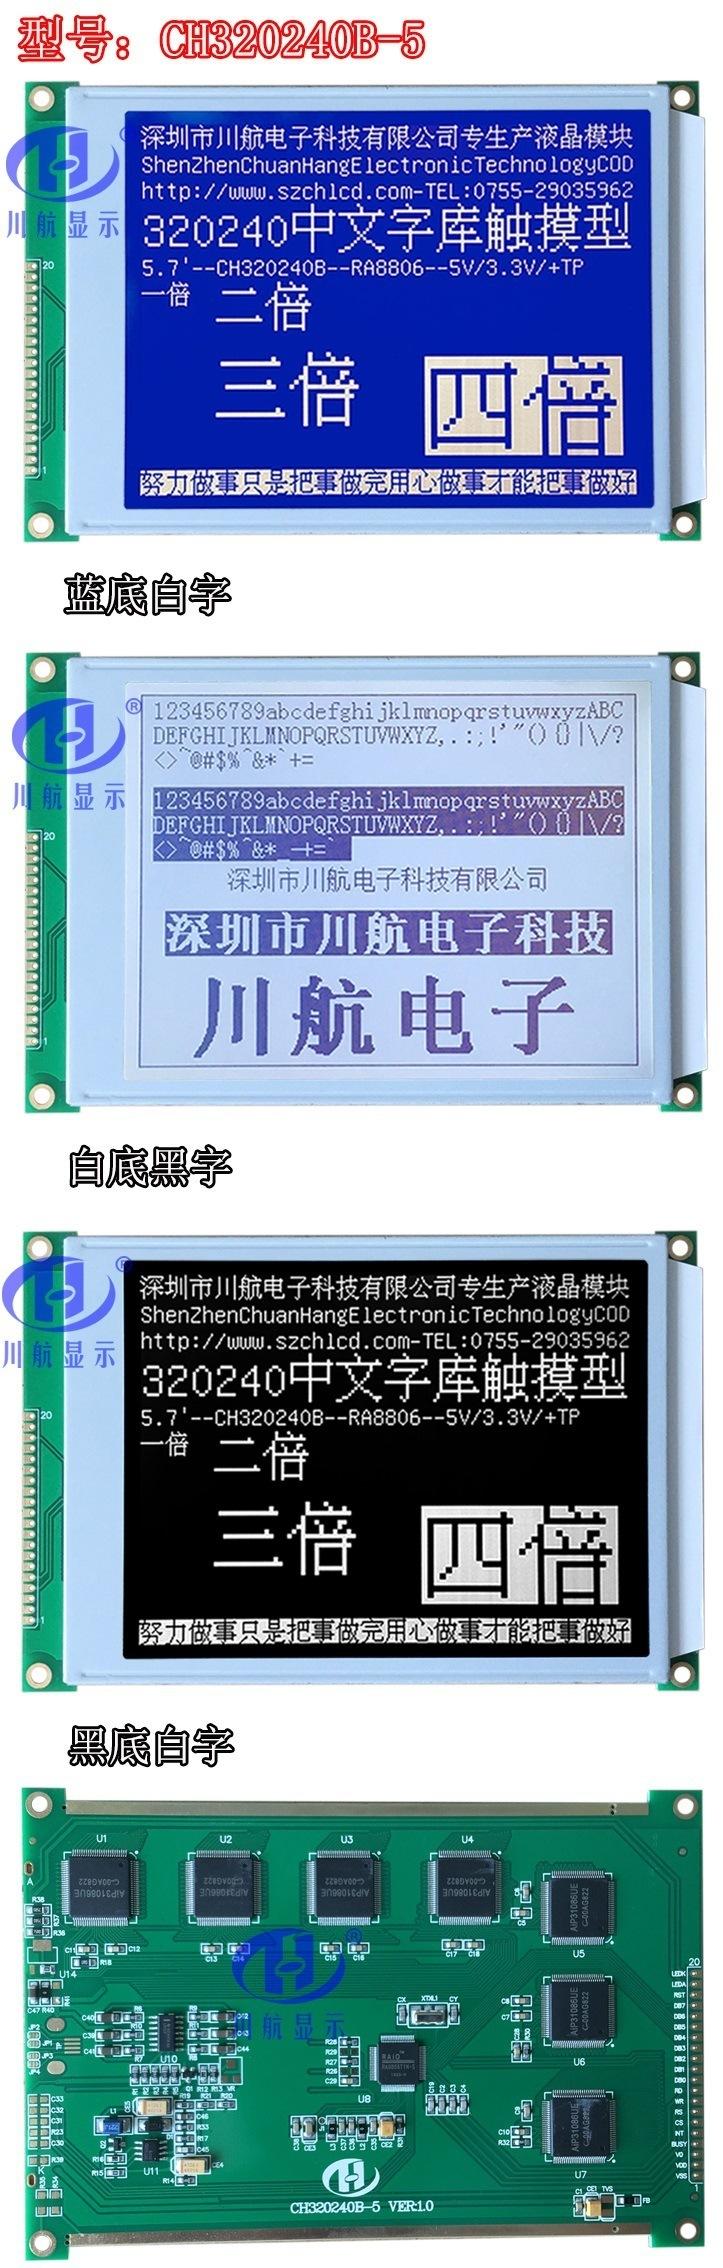 CH320240B-5大图恢复的